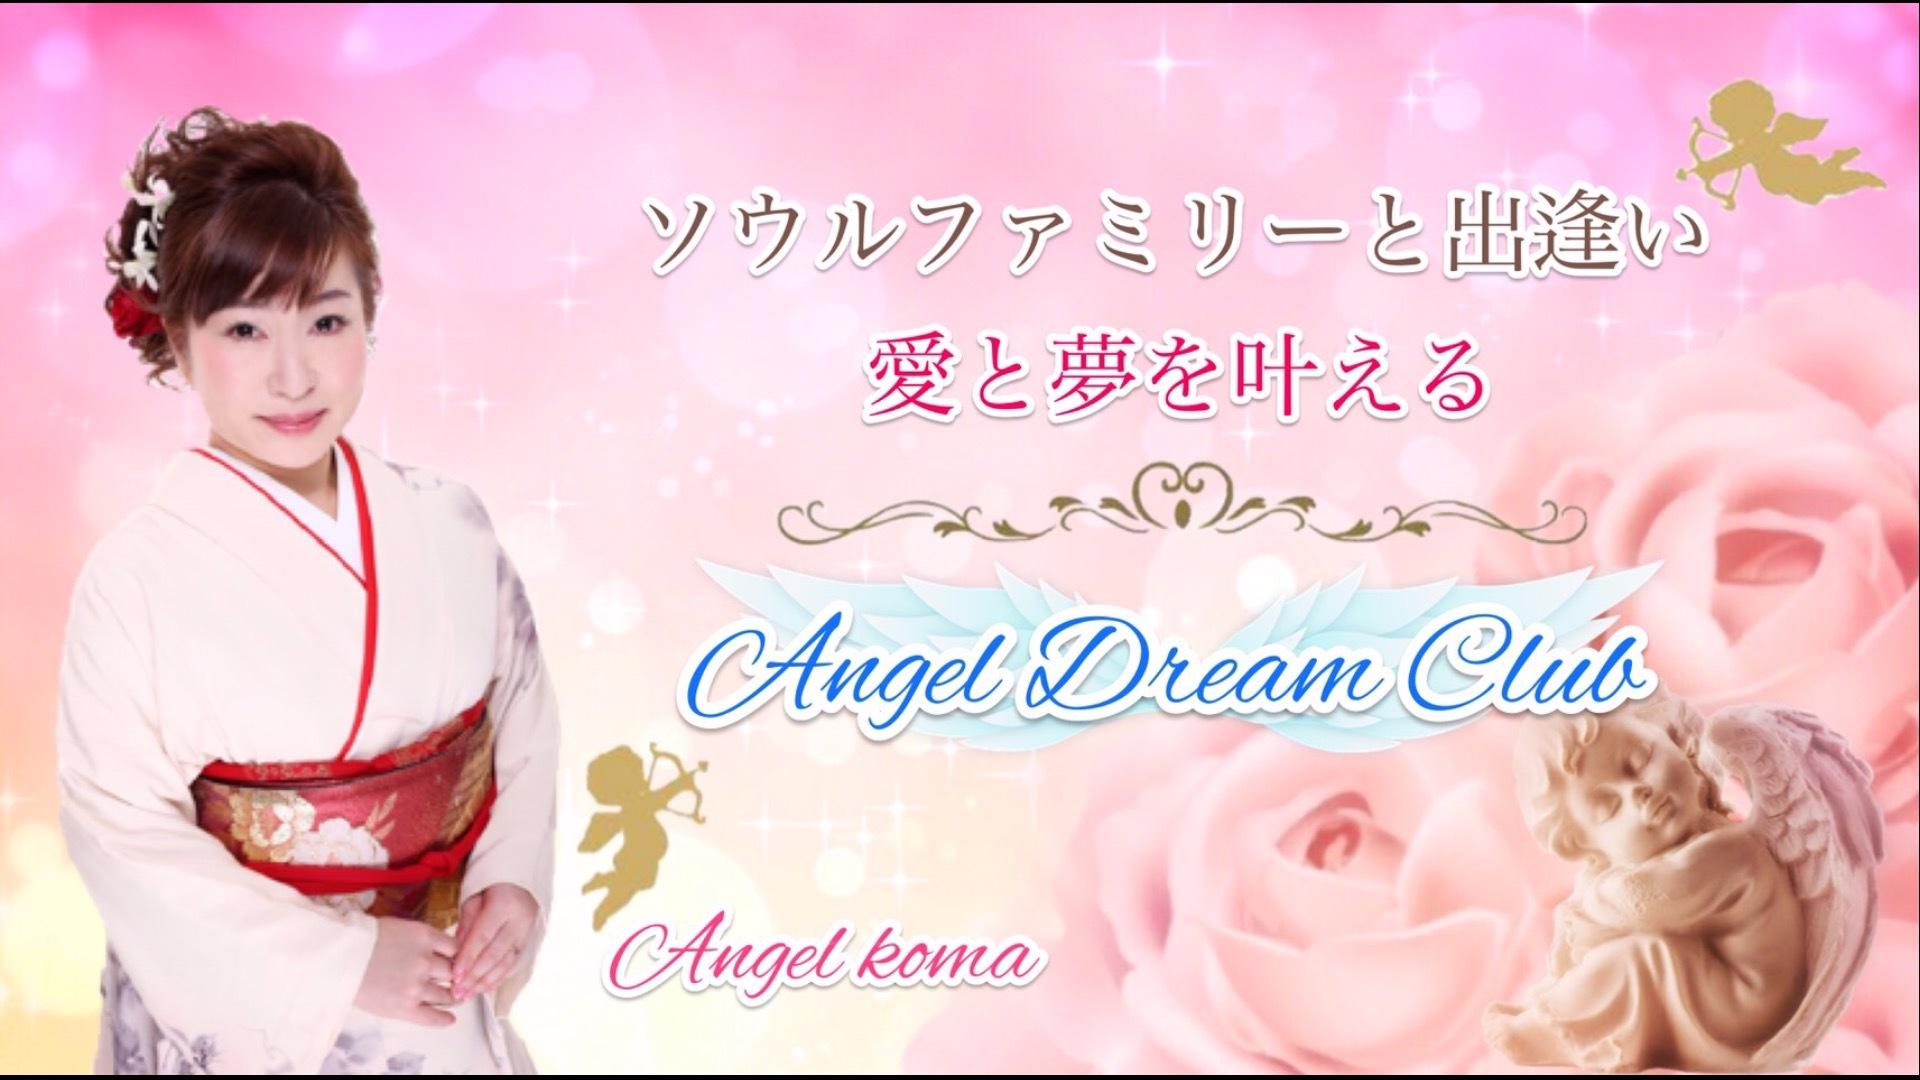 ソウルファミリーと出逢い愛と夢を叶える  AngelDreamClub